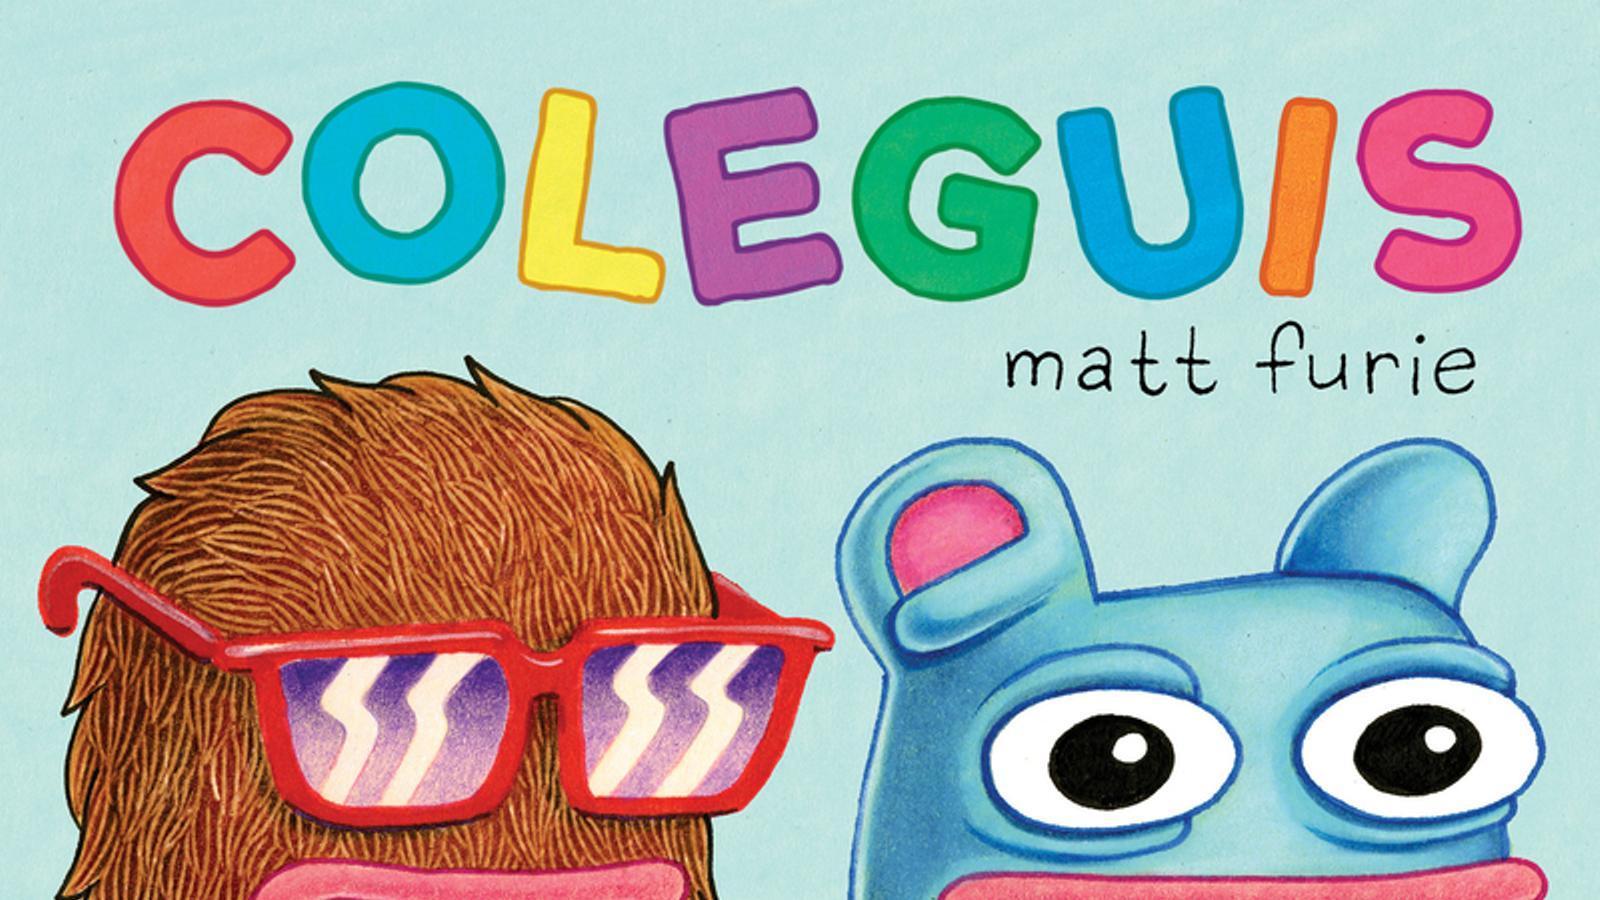 Matt Furie, surrealisme irreverent més enllà del mem